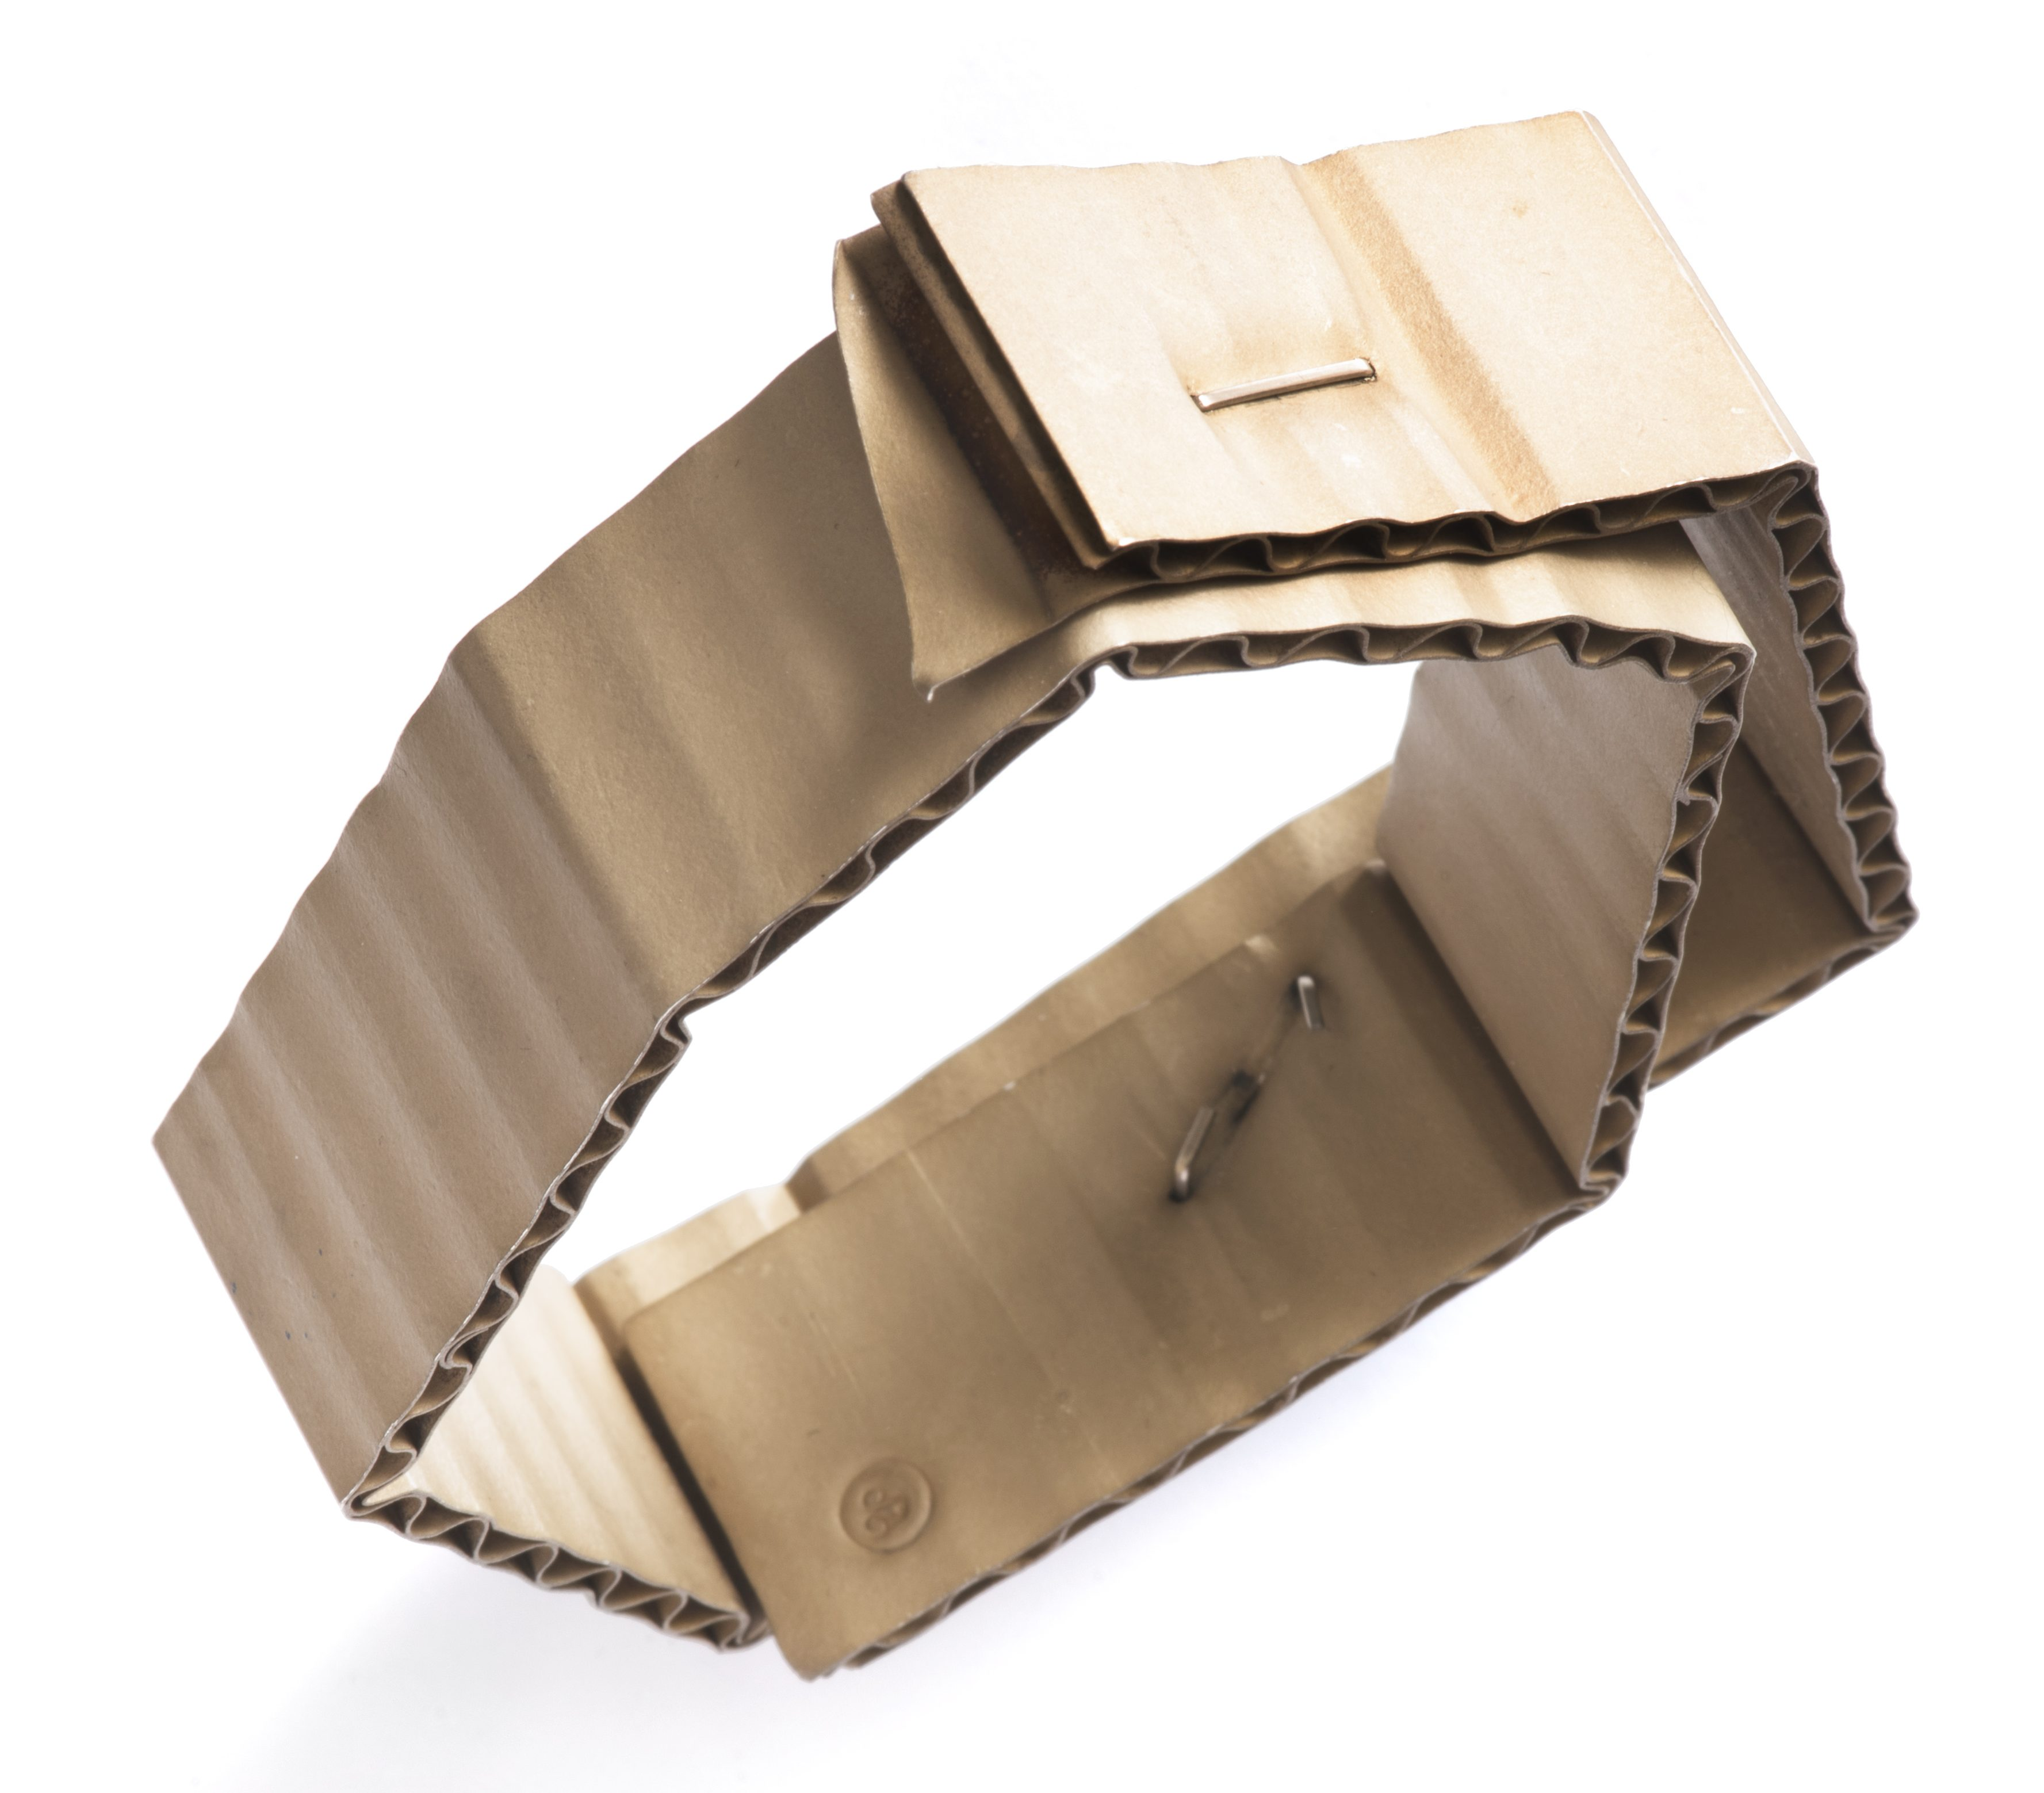 David Bielander, Wellpappe, armband, 2015. Collectie Jorunn Veiteberg. Foto met dank aan Nordenfjeldske Kunstindustrimuseum, Guri Dahl©